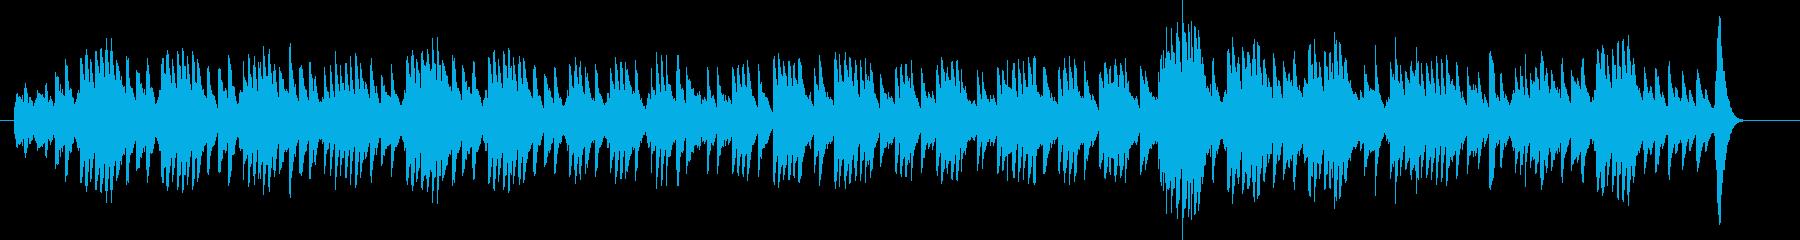 ドリー組曲より子守唄(オルゴール)の再生済みの波形